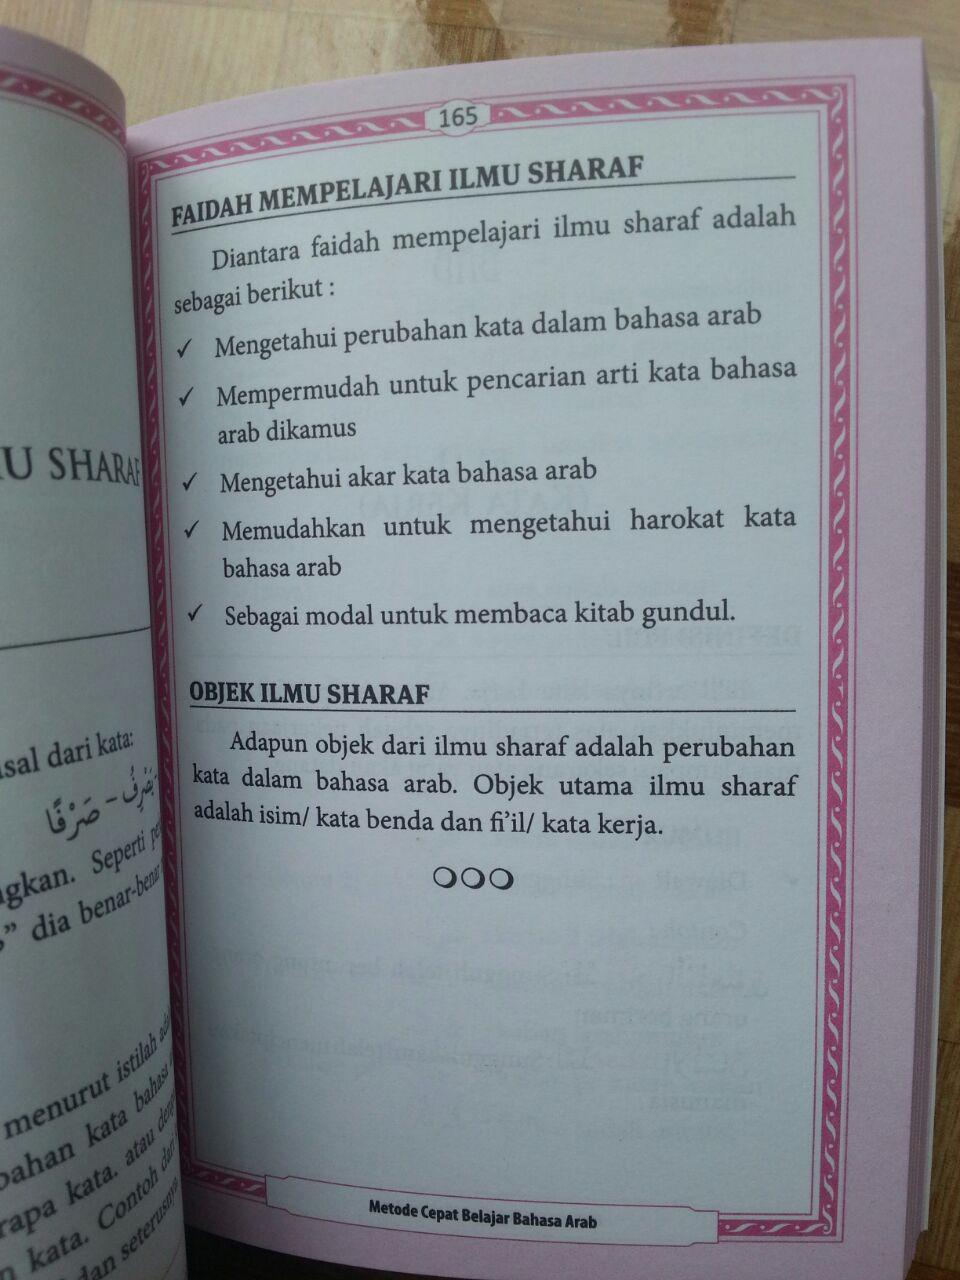 Buku Metode Cepat Belajar Bahasa Arab Rumus El-Matroed Kompilasi 1-2 isi 4